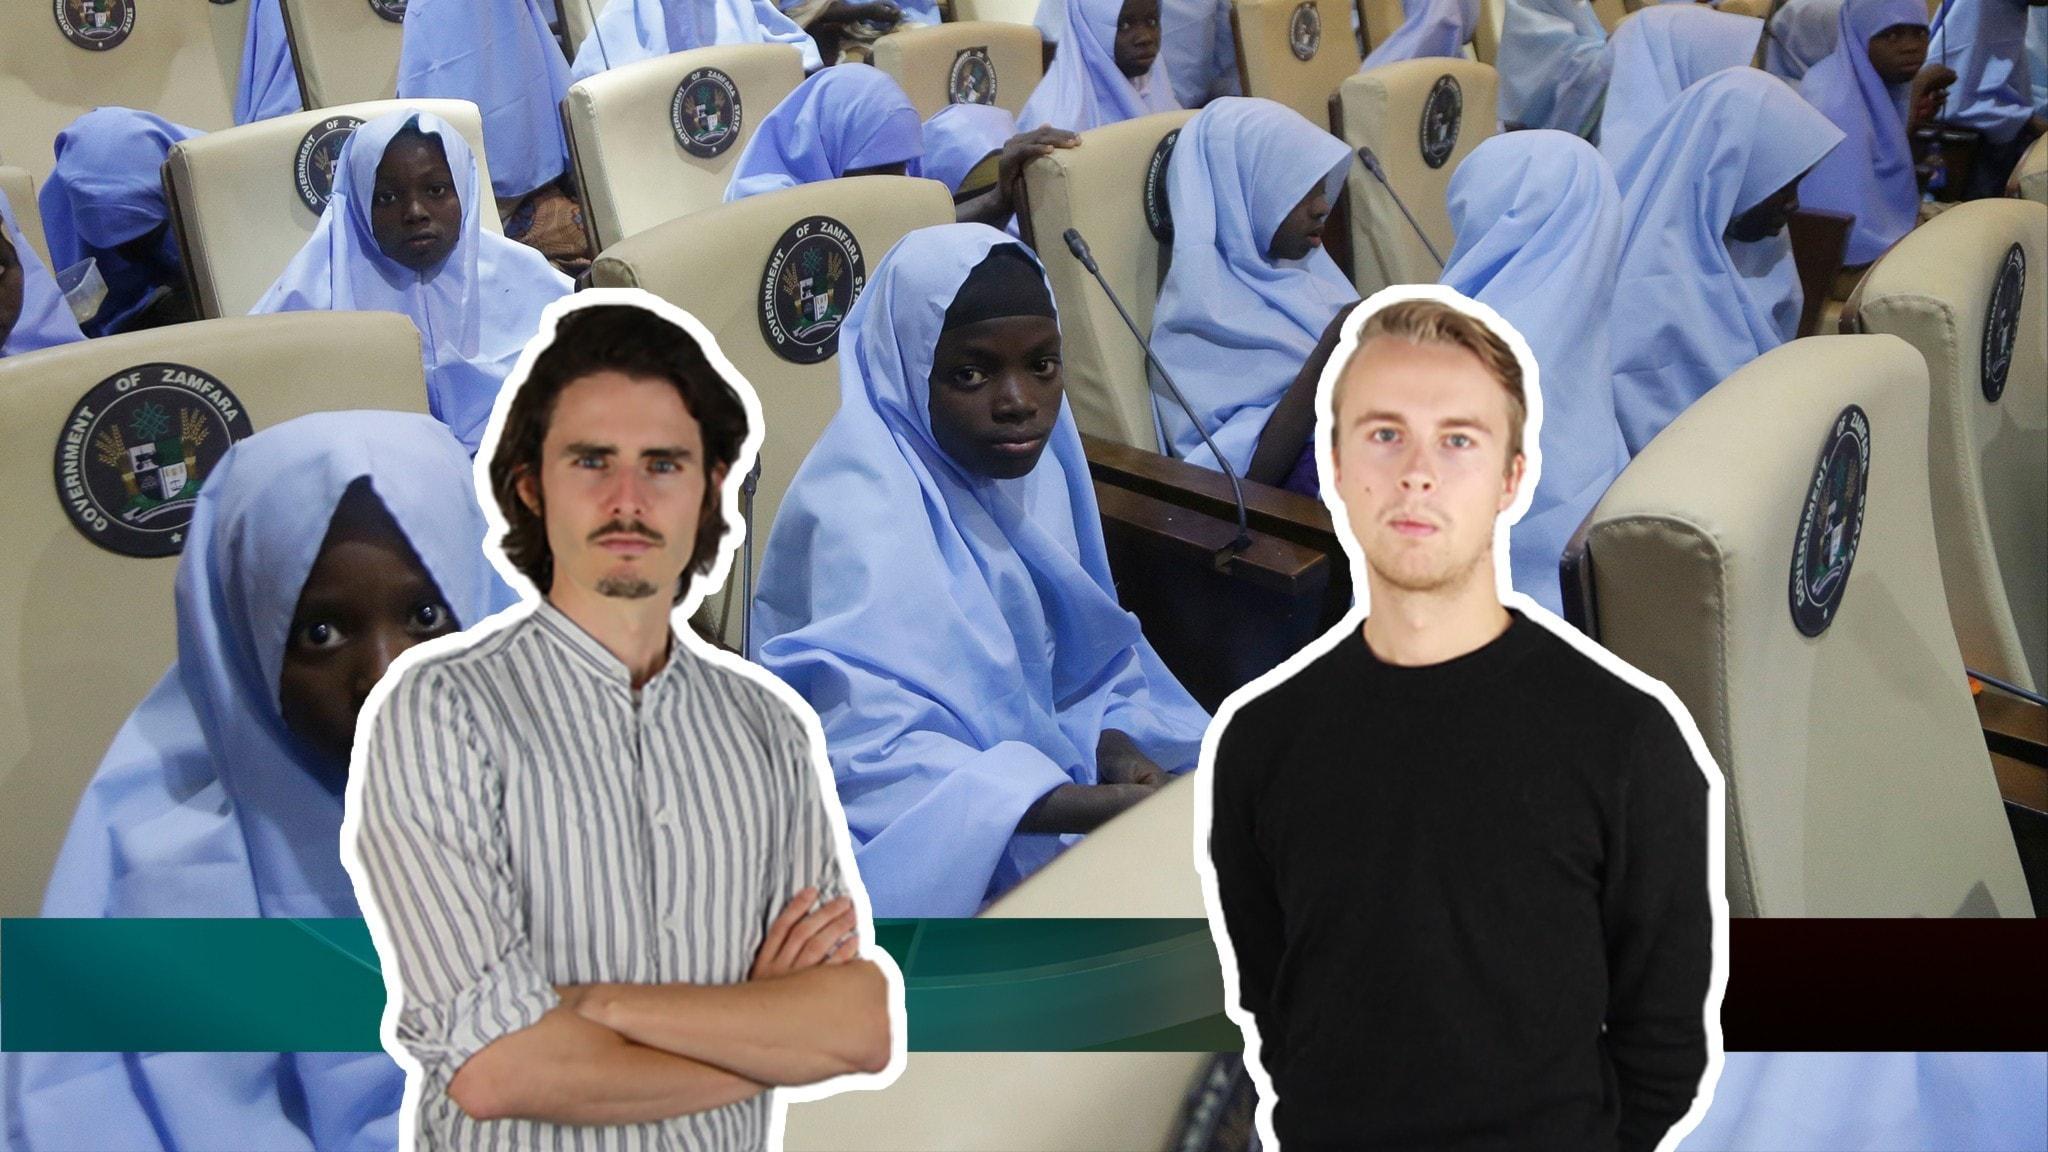 Frisläppta skolbarn i Nigeria